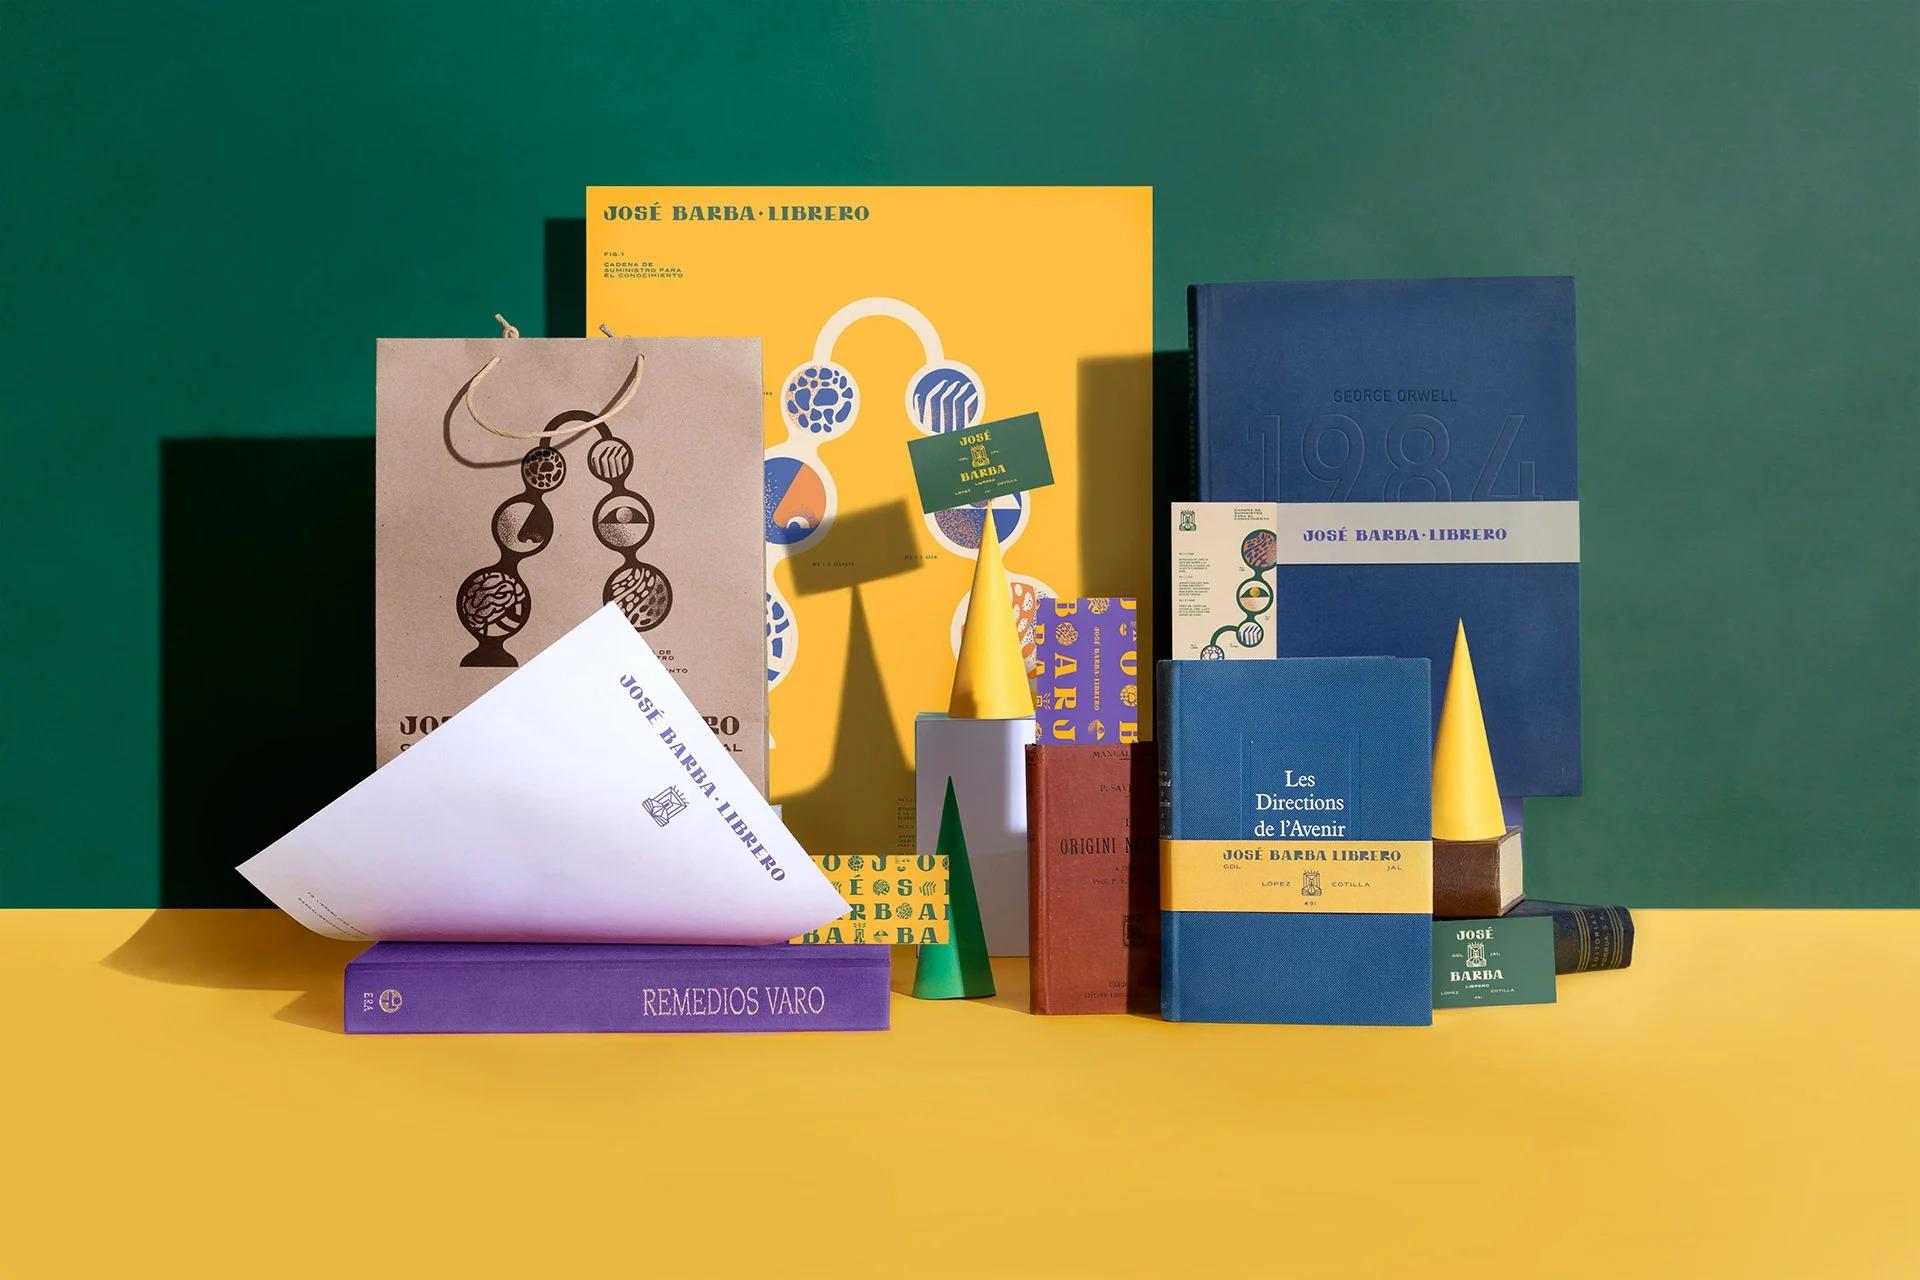 书店José Barba Librero品牌视觉<a href=http://www.ccdol.com/ target=_blank class=infotextkey>设计</a>